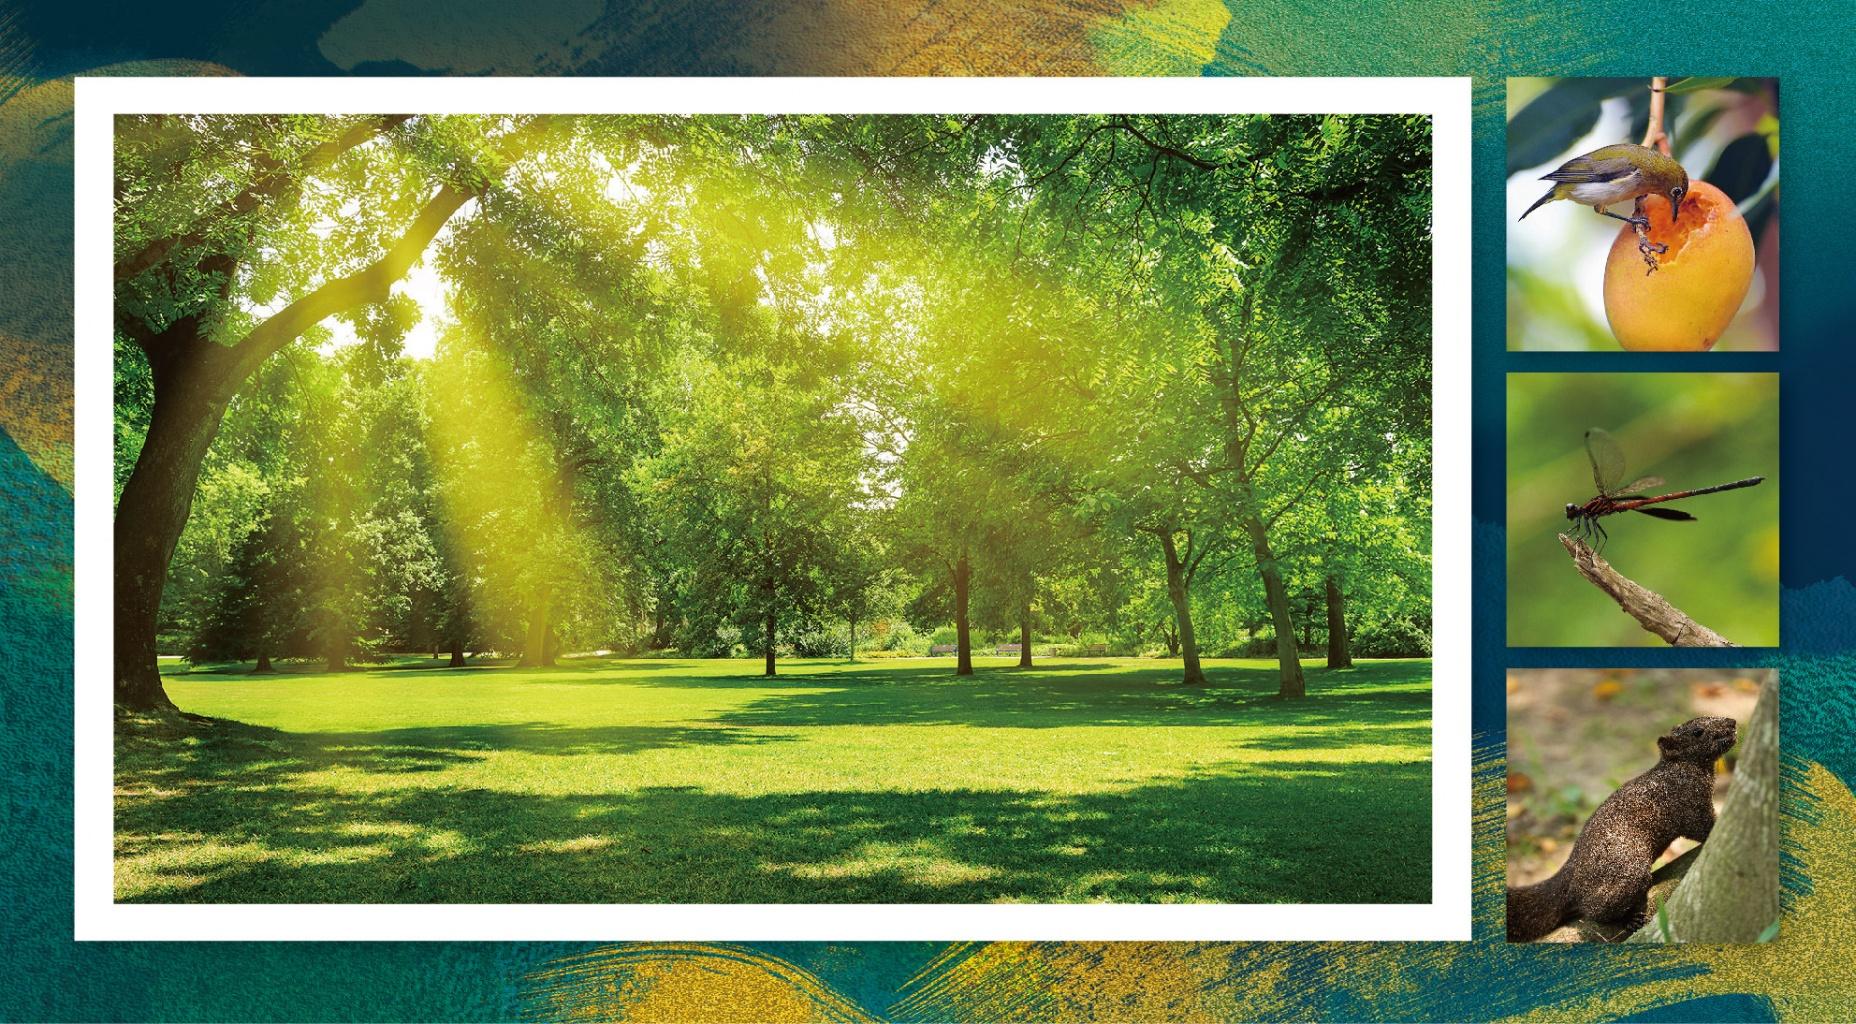 〈森情款款〉 樹比人多的家 滿滿幸福旋綠 和枝頭鳥兒哼一首晨光曲